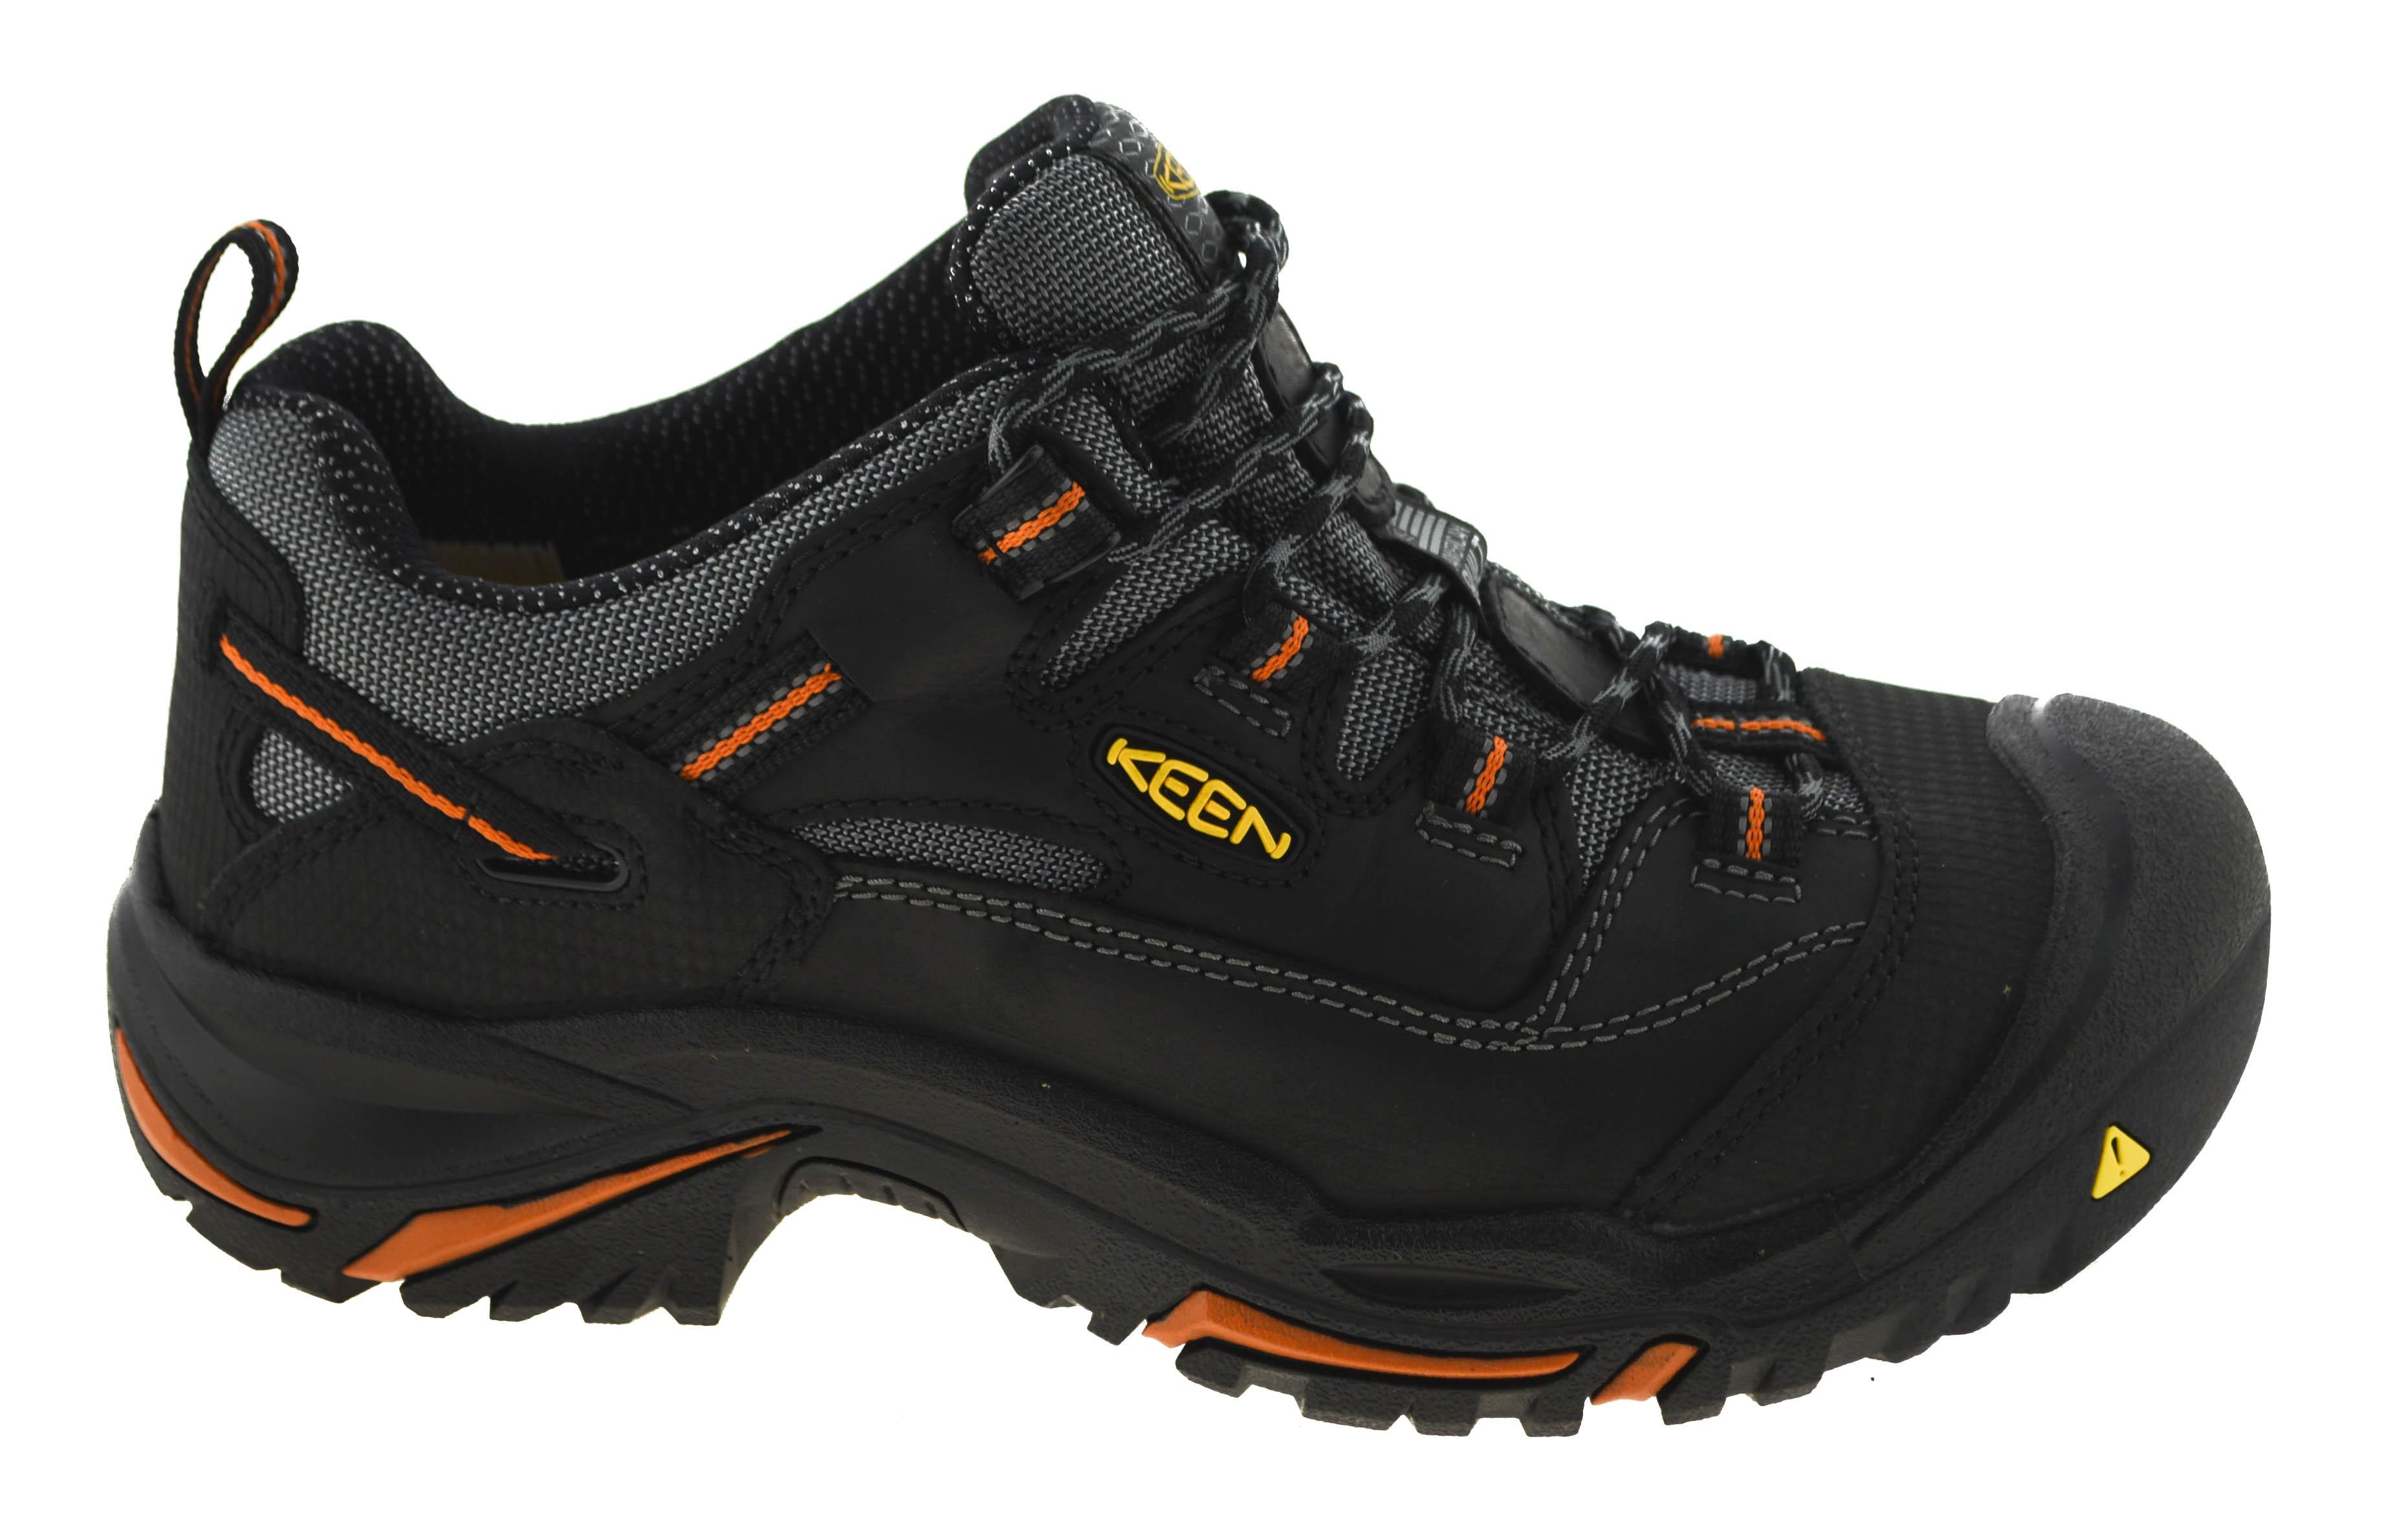 774eed917ec2 Keen Utility Men s Braddock Low Steel Toe Work Shoes Style 1011244 ...